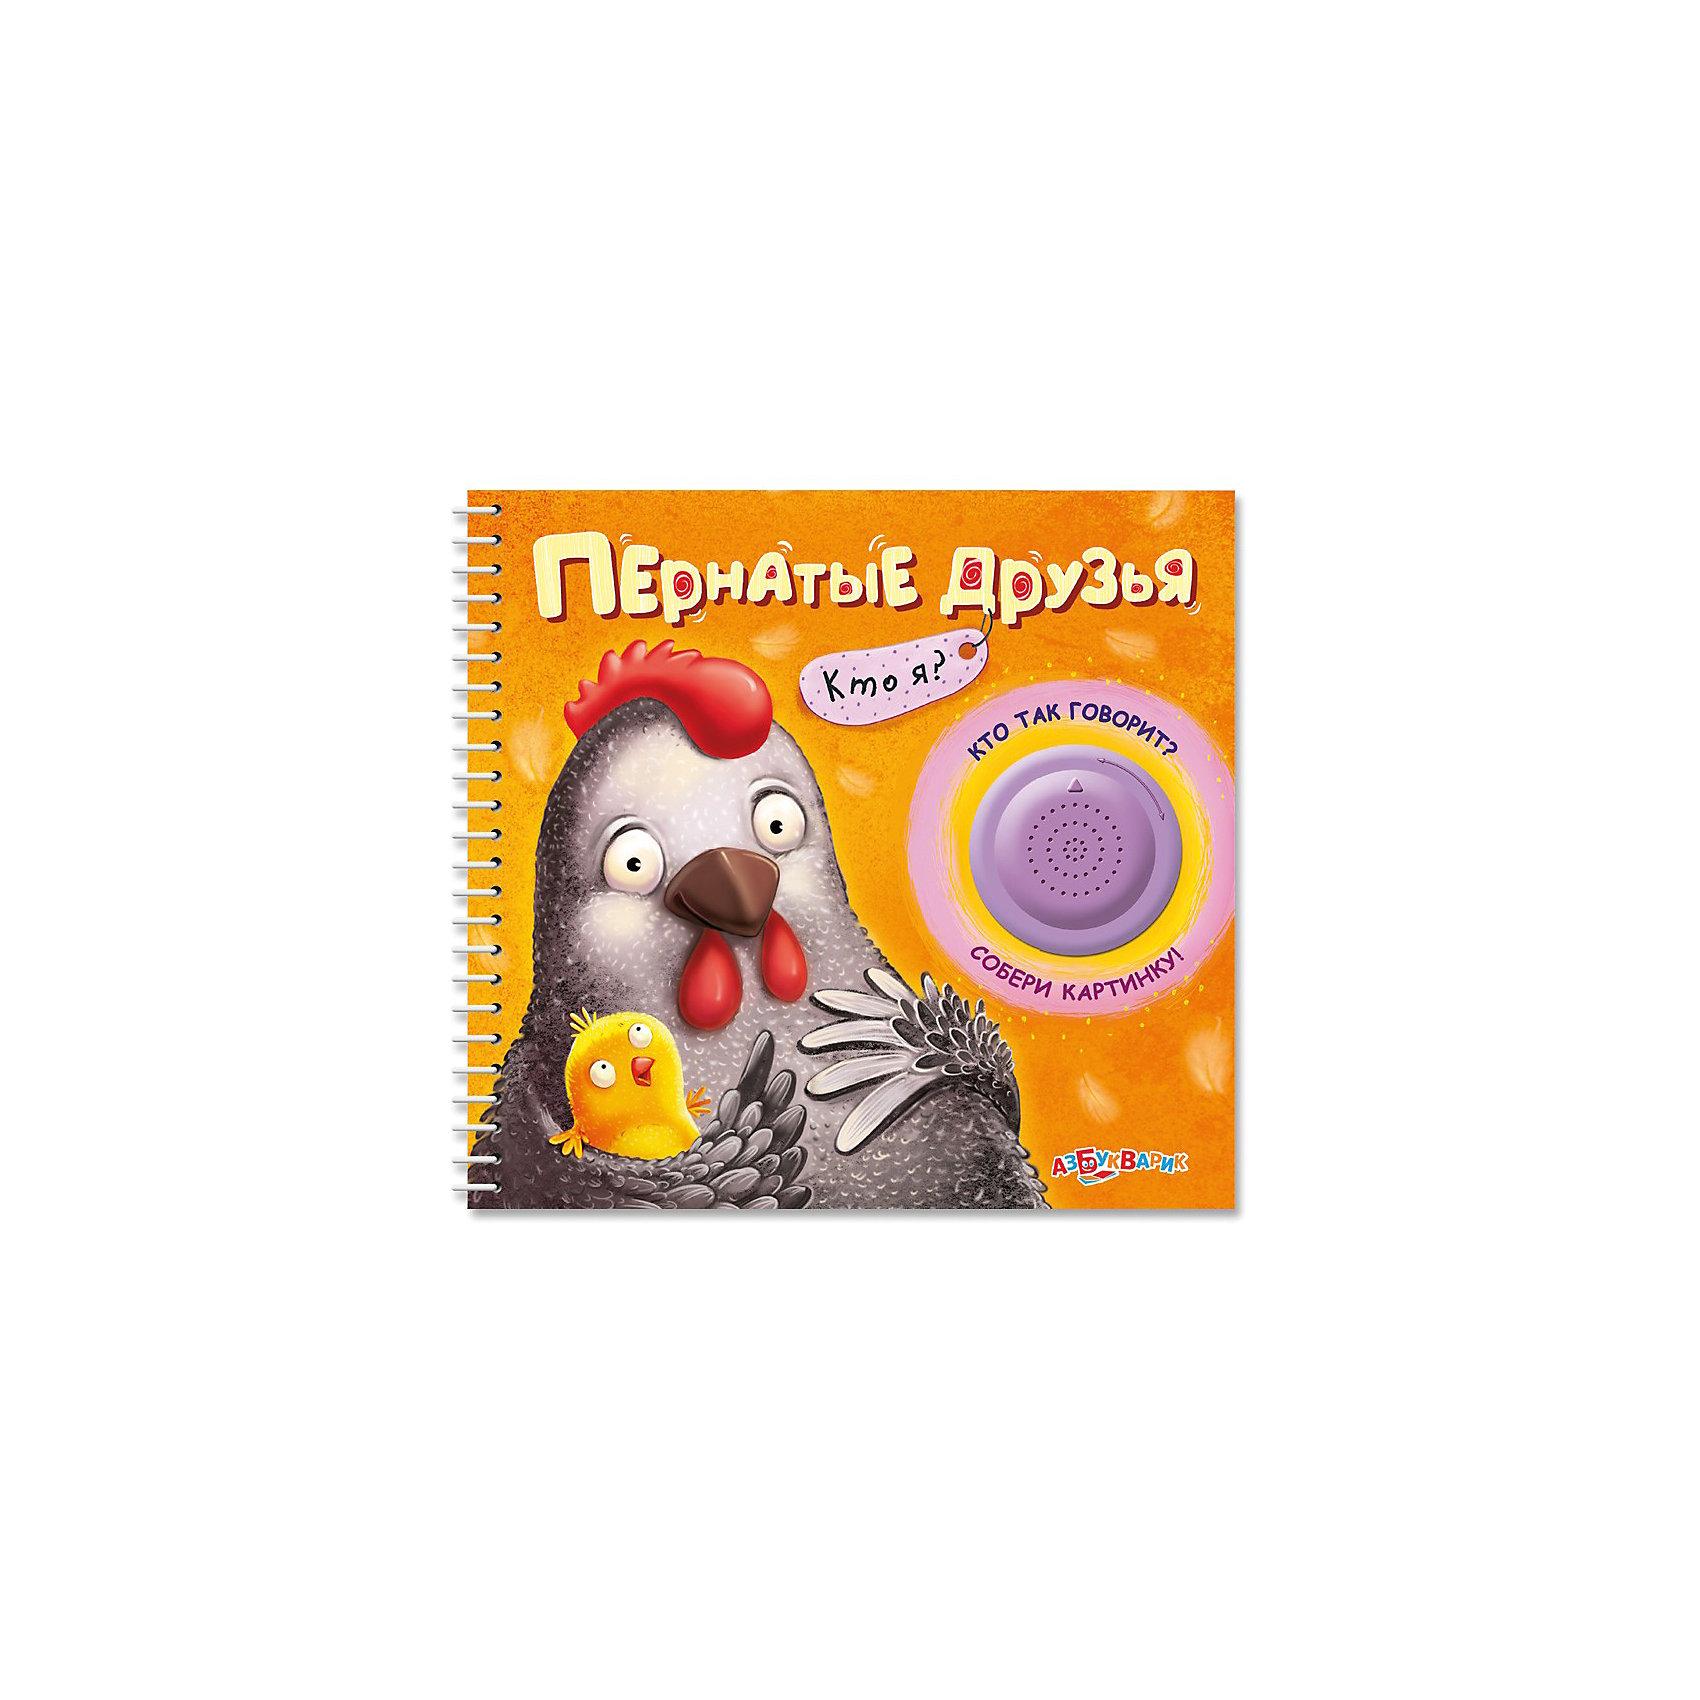 Азбукварик Пернатые друзья, серия Кто я?, Азбукварик